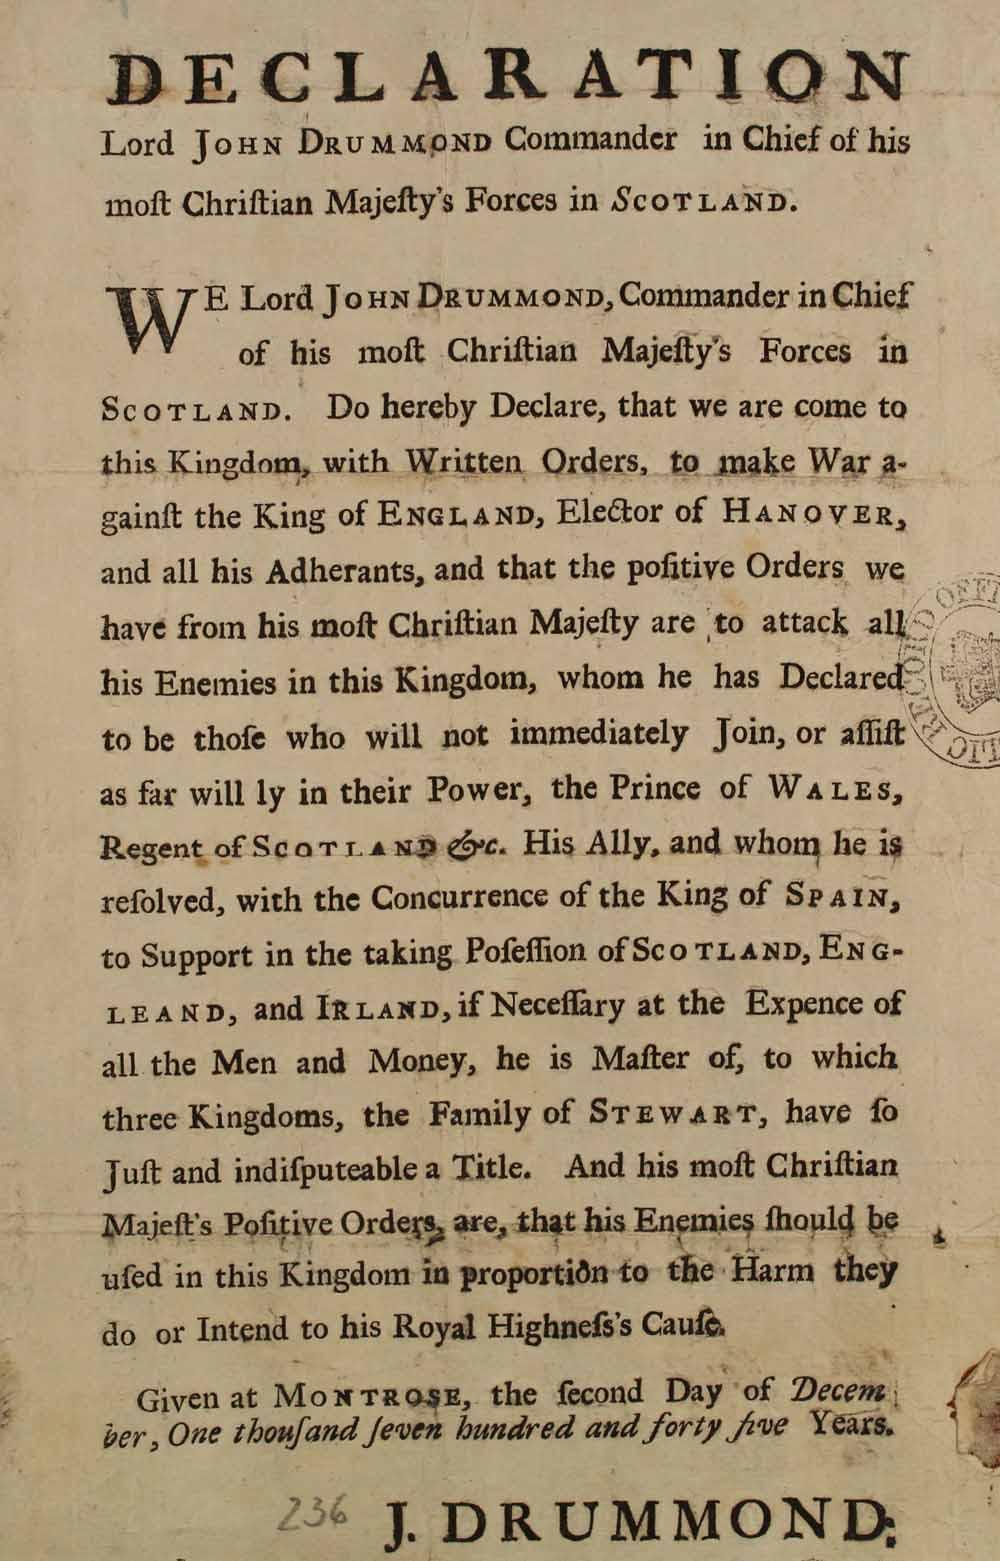 Printed handbill from Lord John Drummond, Scottish Commander, 2nd December, 1745.